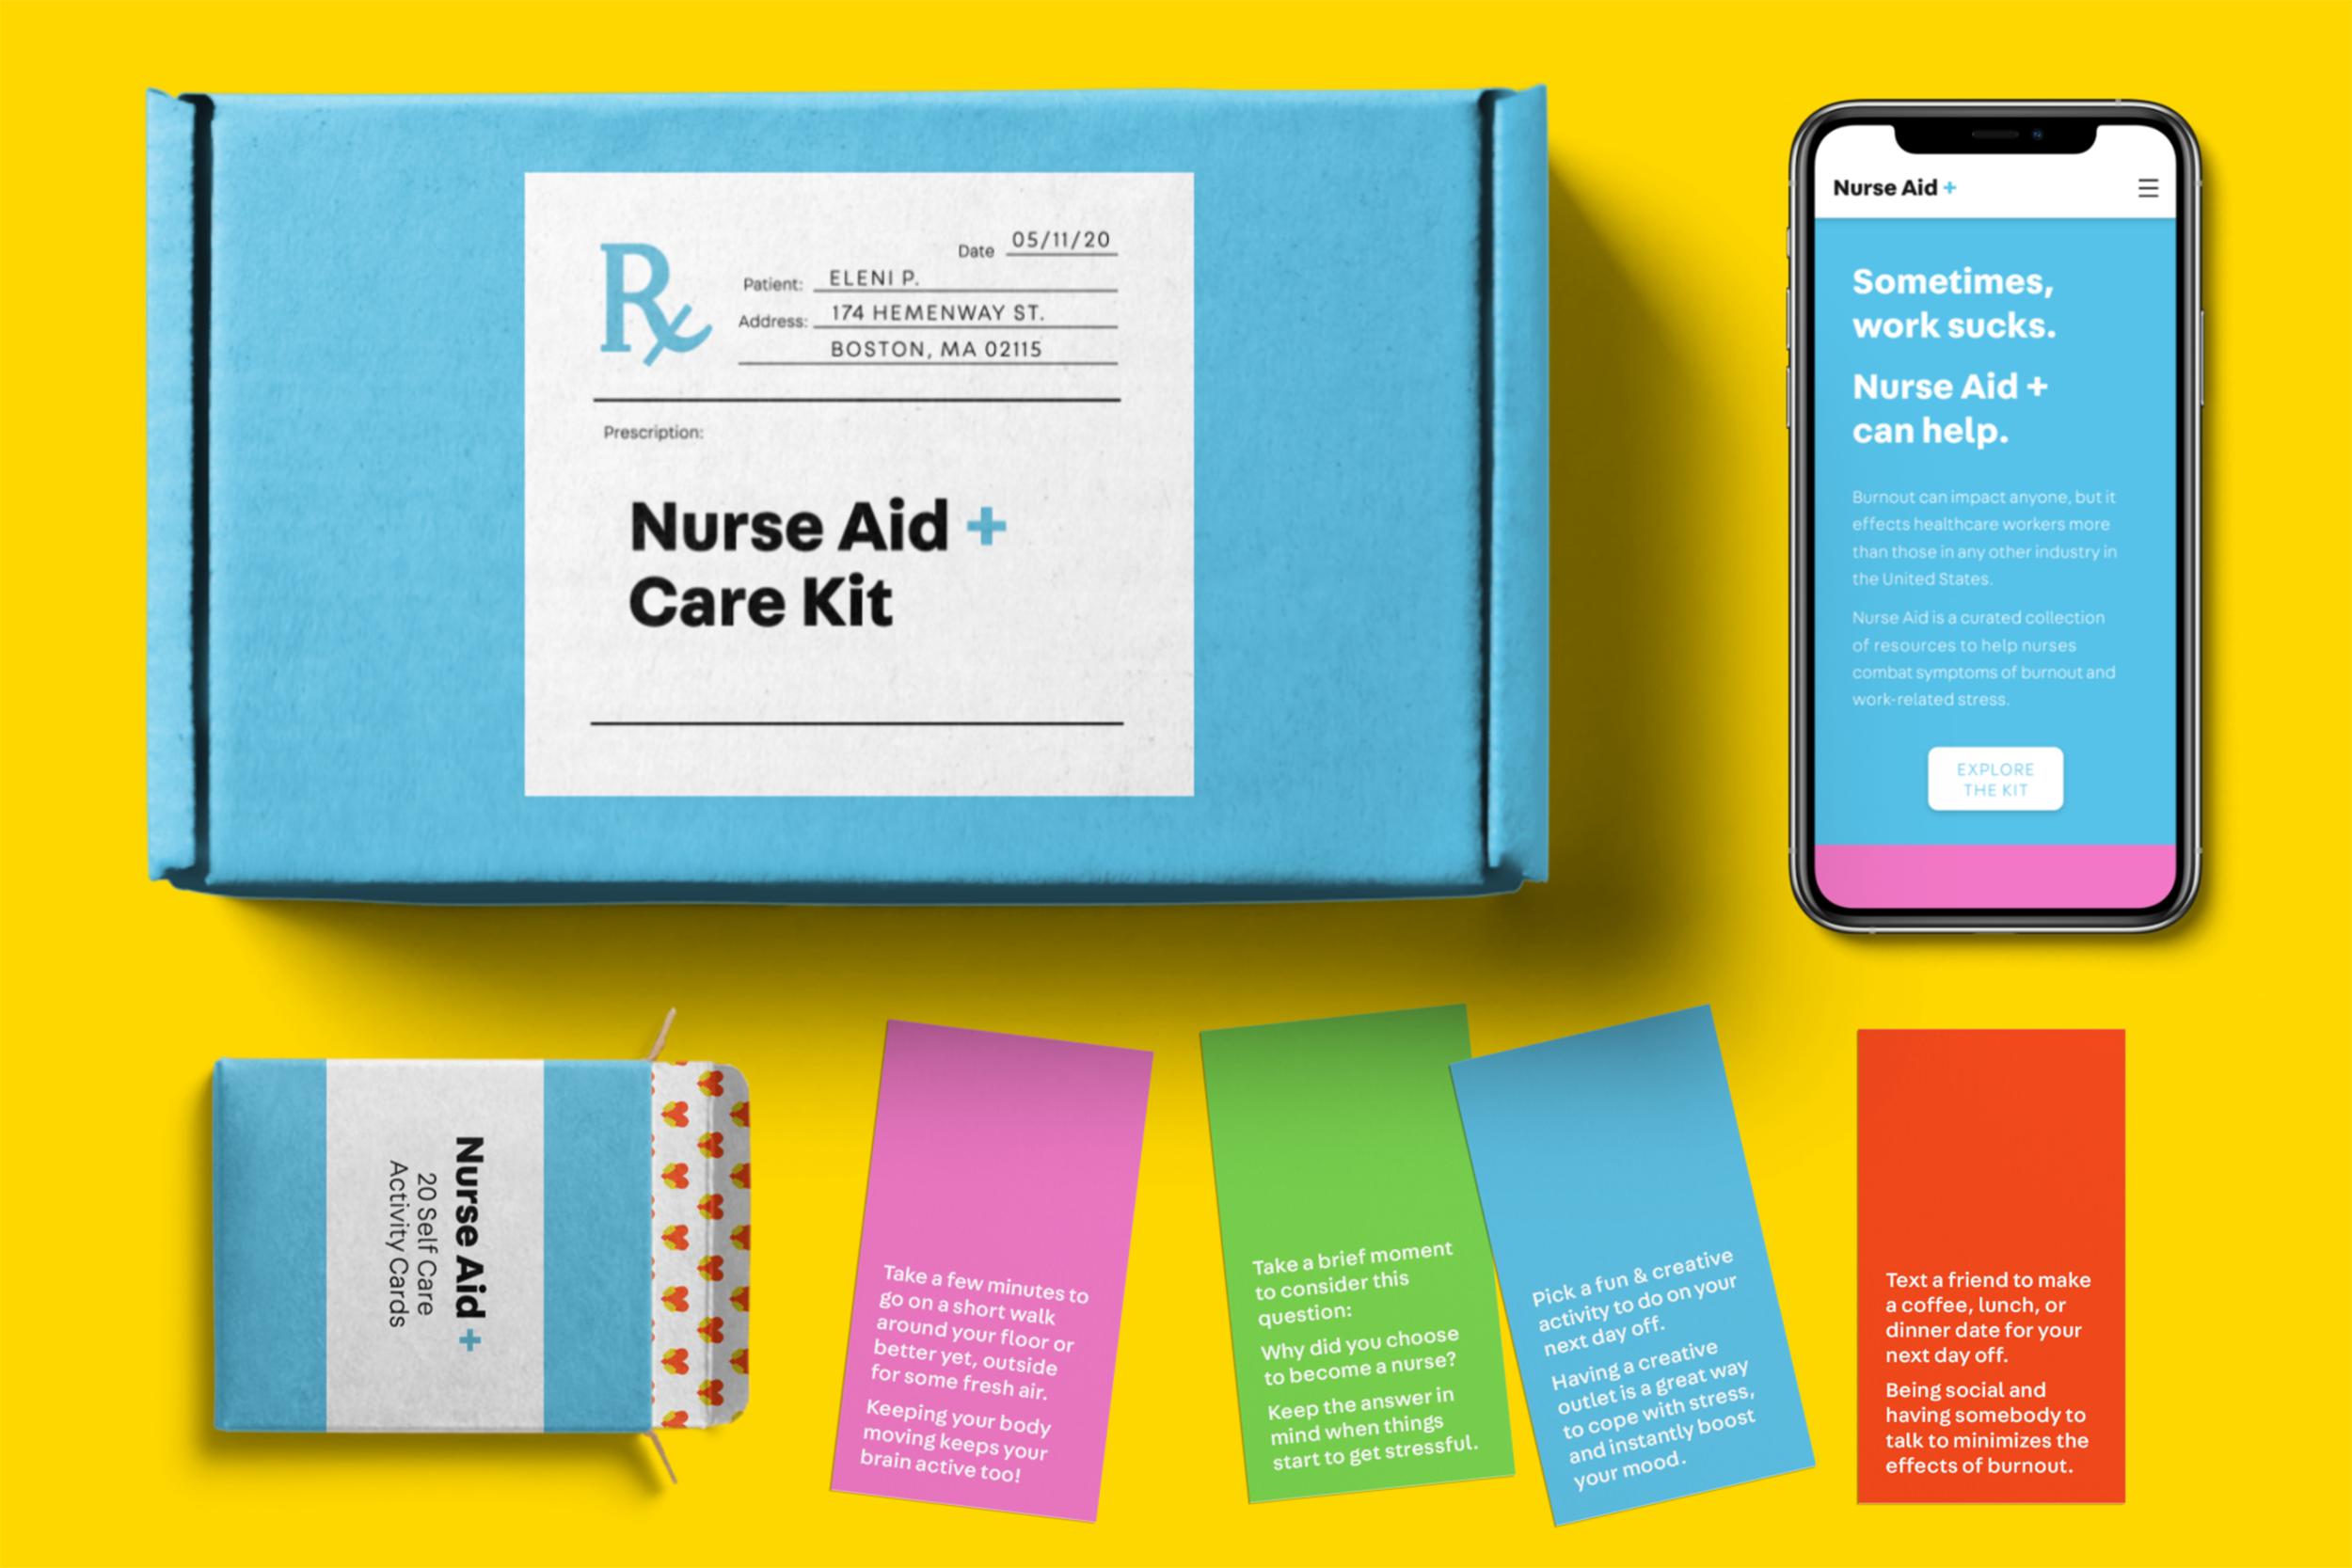 Nurse Aid